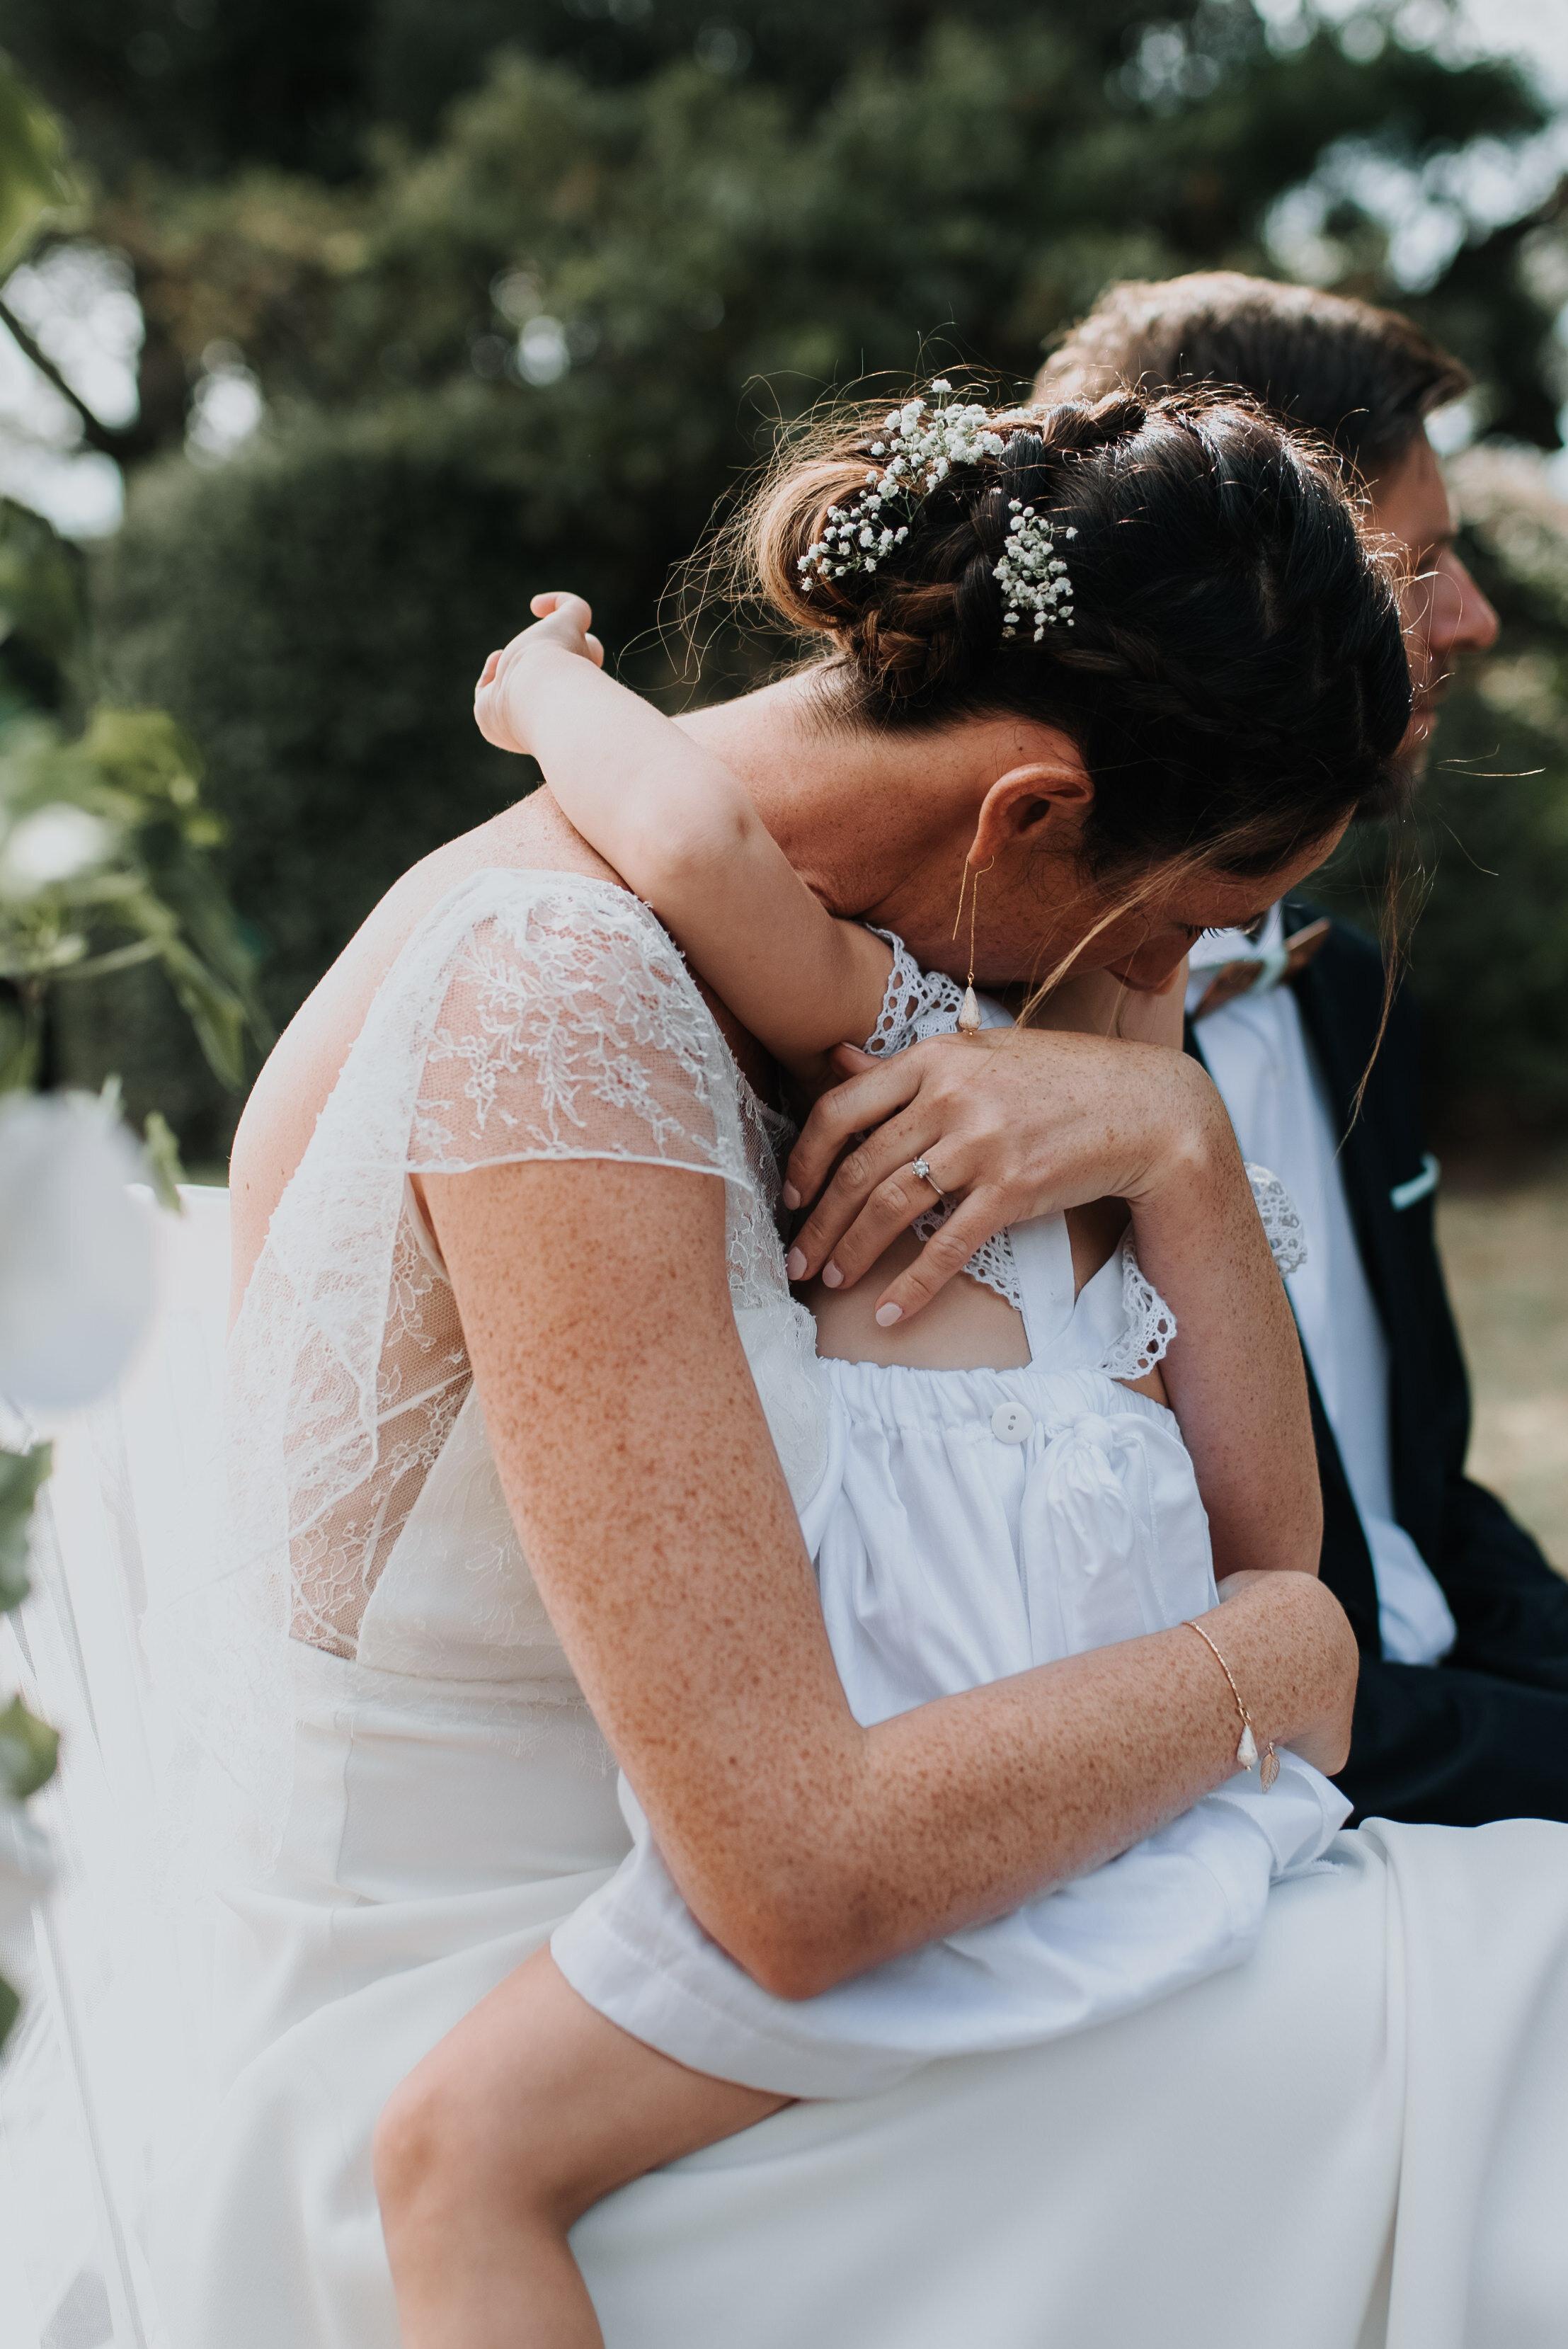 Léa-Fery-photographe-professionnel-Bretagne-portrait-creation-mariage-evenement-evenementiel-famille-6894.jpg